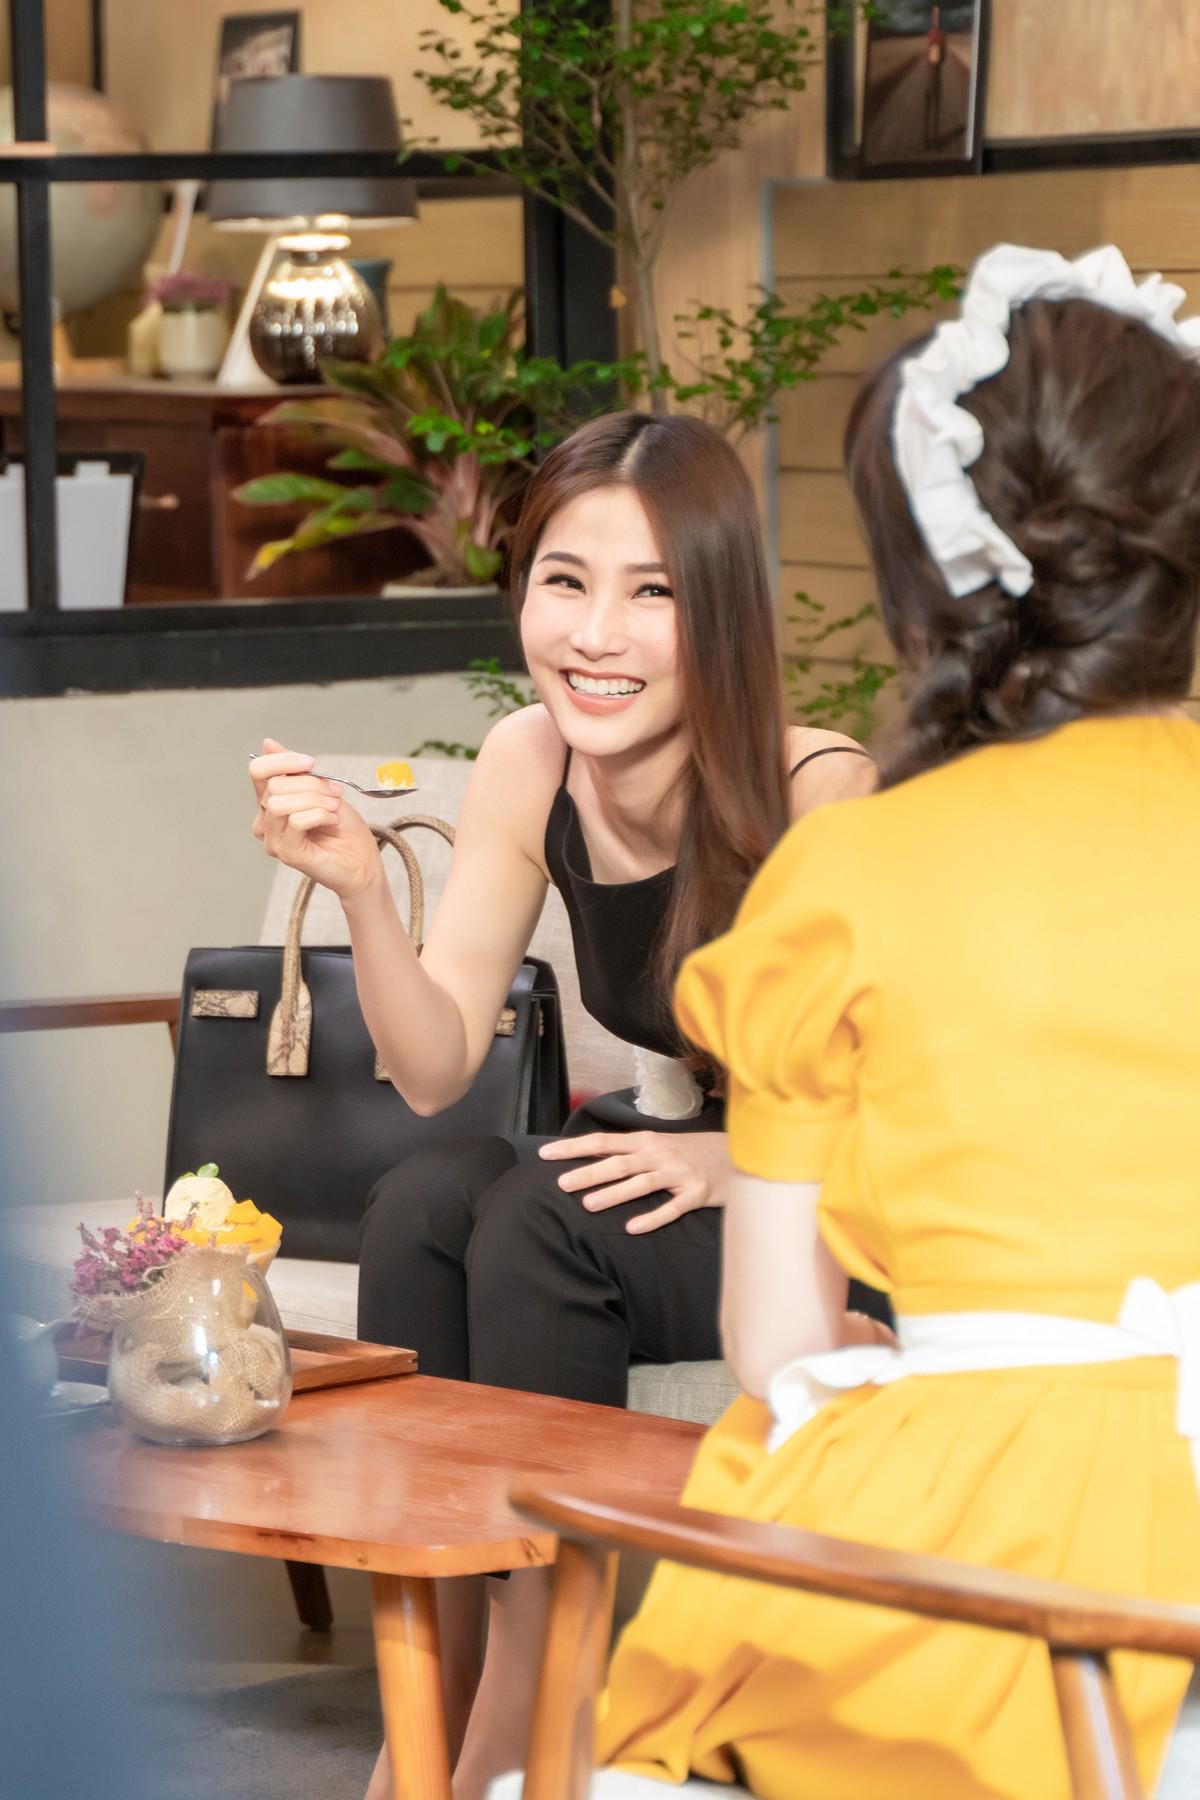 Làm nữ phục vụ xinh xắn, Hari Won bị than phiền vì thường xuyên xin ăn của đồng nghiệp  - Ảnh 5.